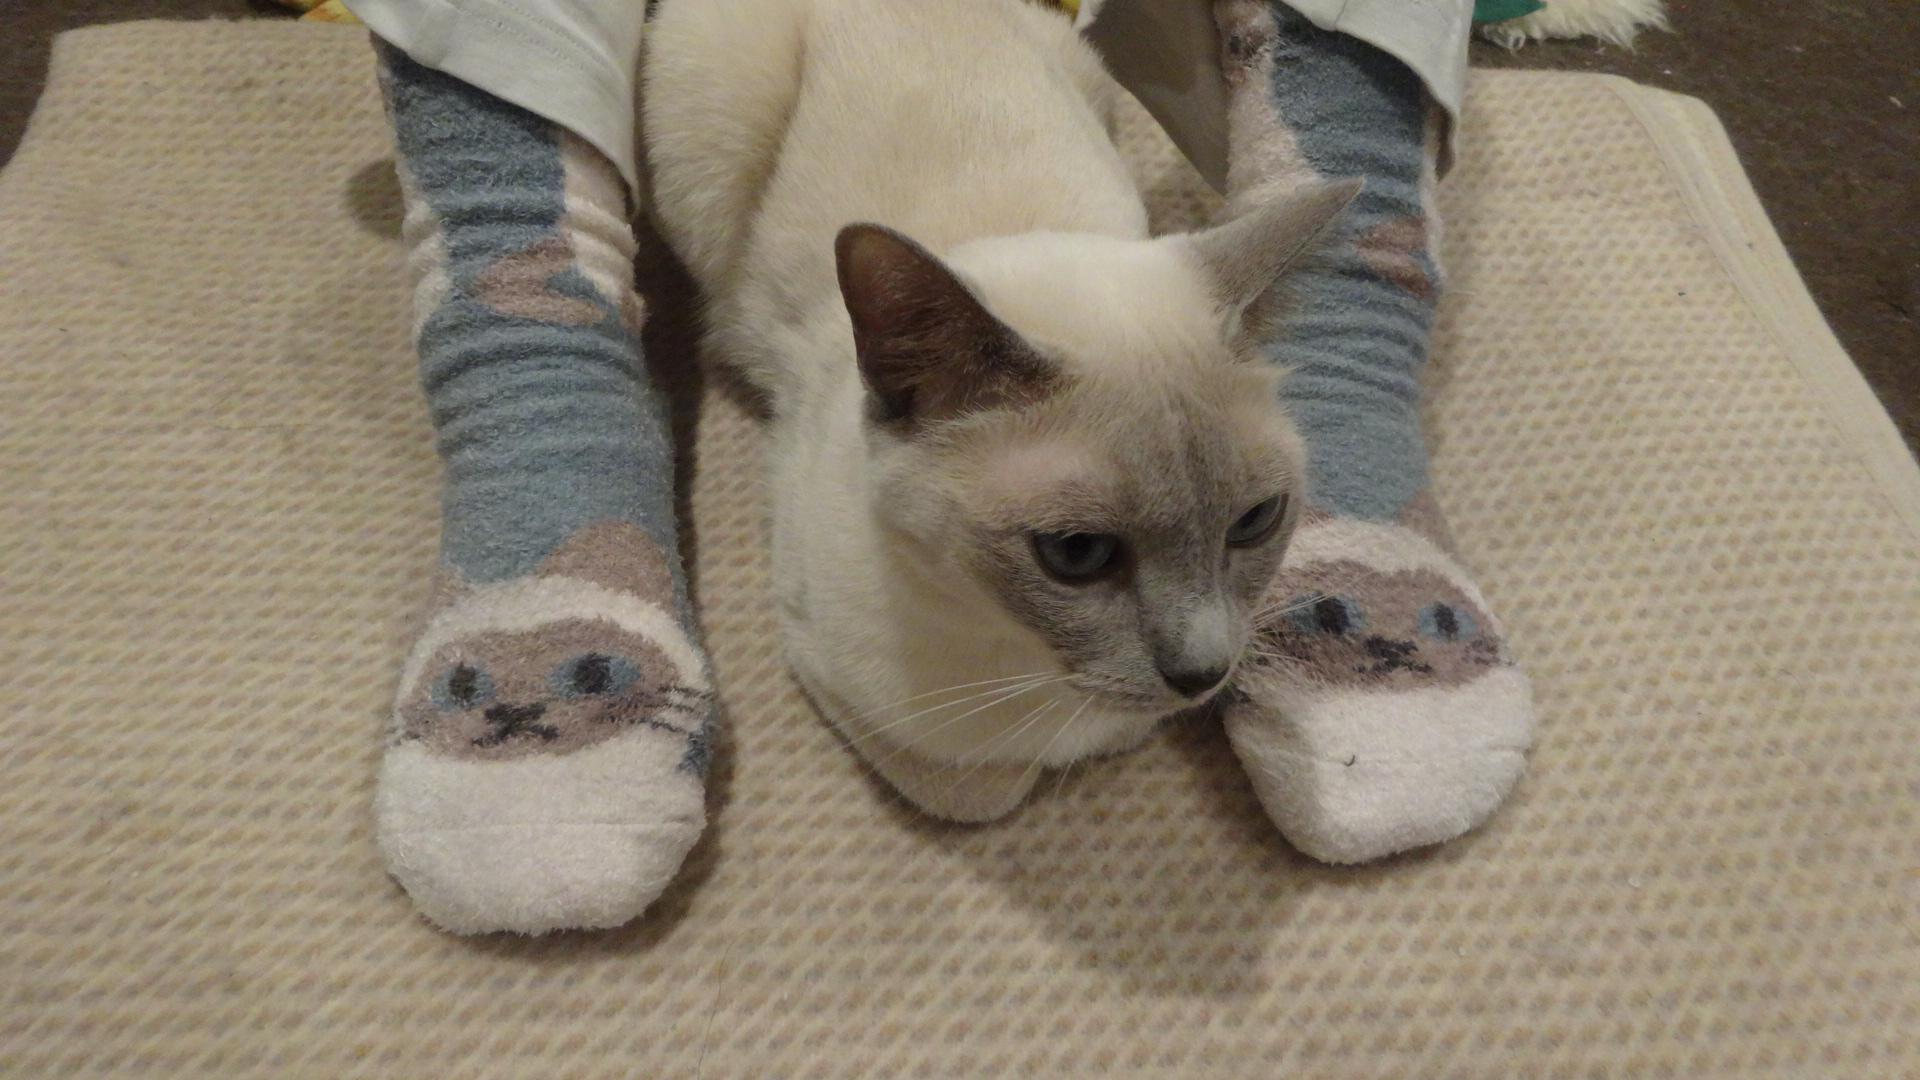 ネコ柄の靴下を履いた両足の間に寝る楓